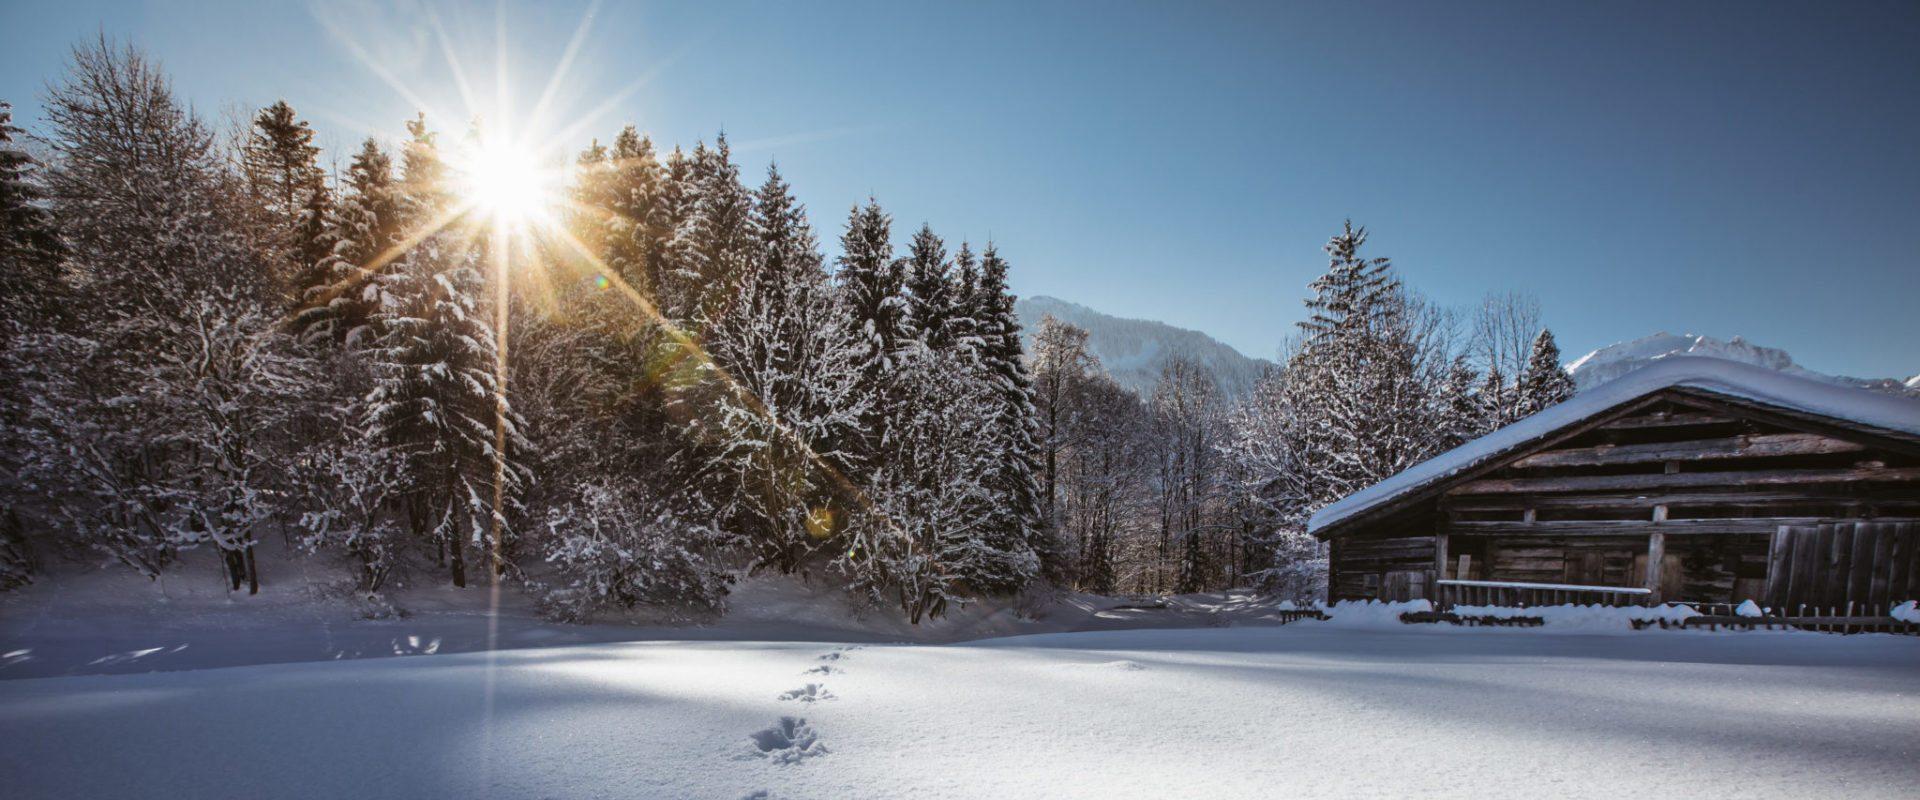 Wintertime in Bregenzerwald, Austria